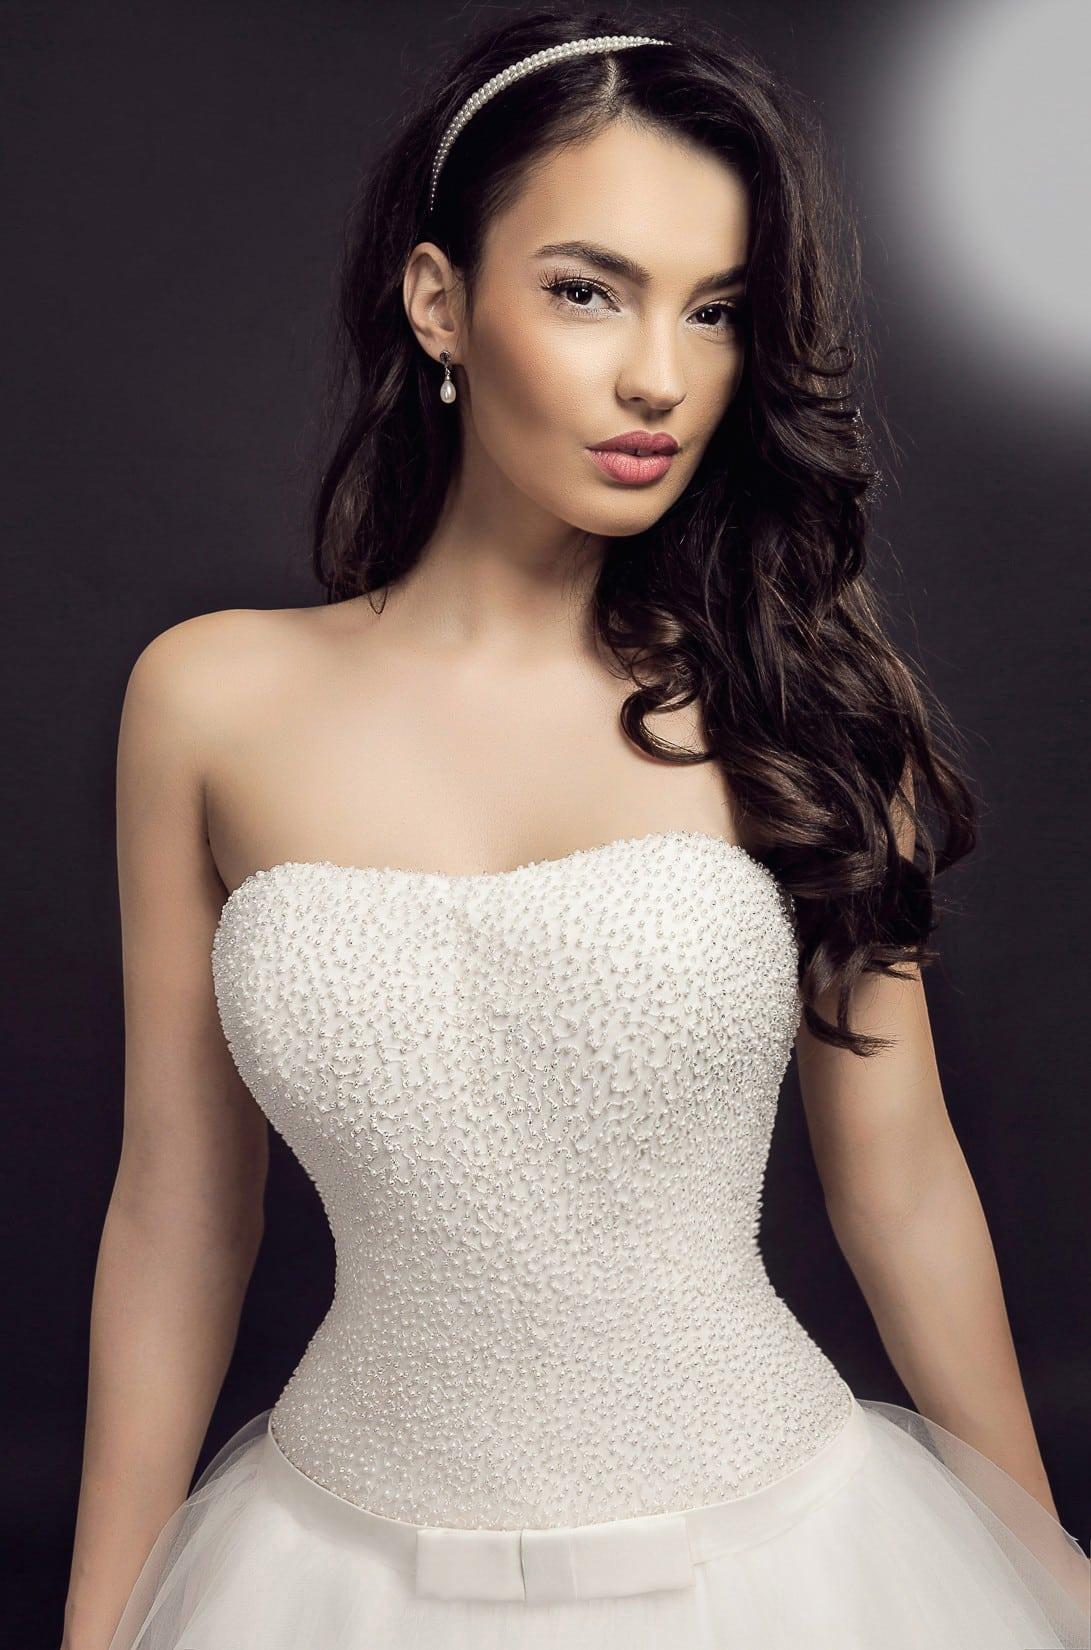 Rochie de mireasa Princess Model - Colectia Dreams - Adora Sposa (2)